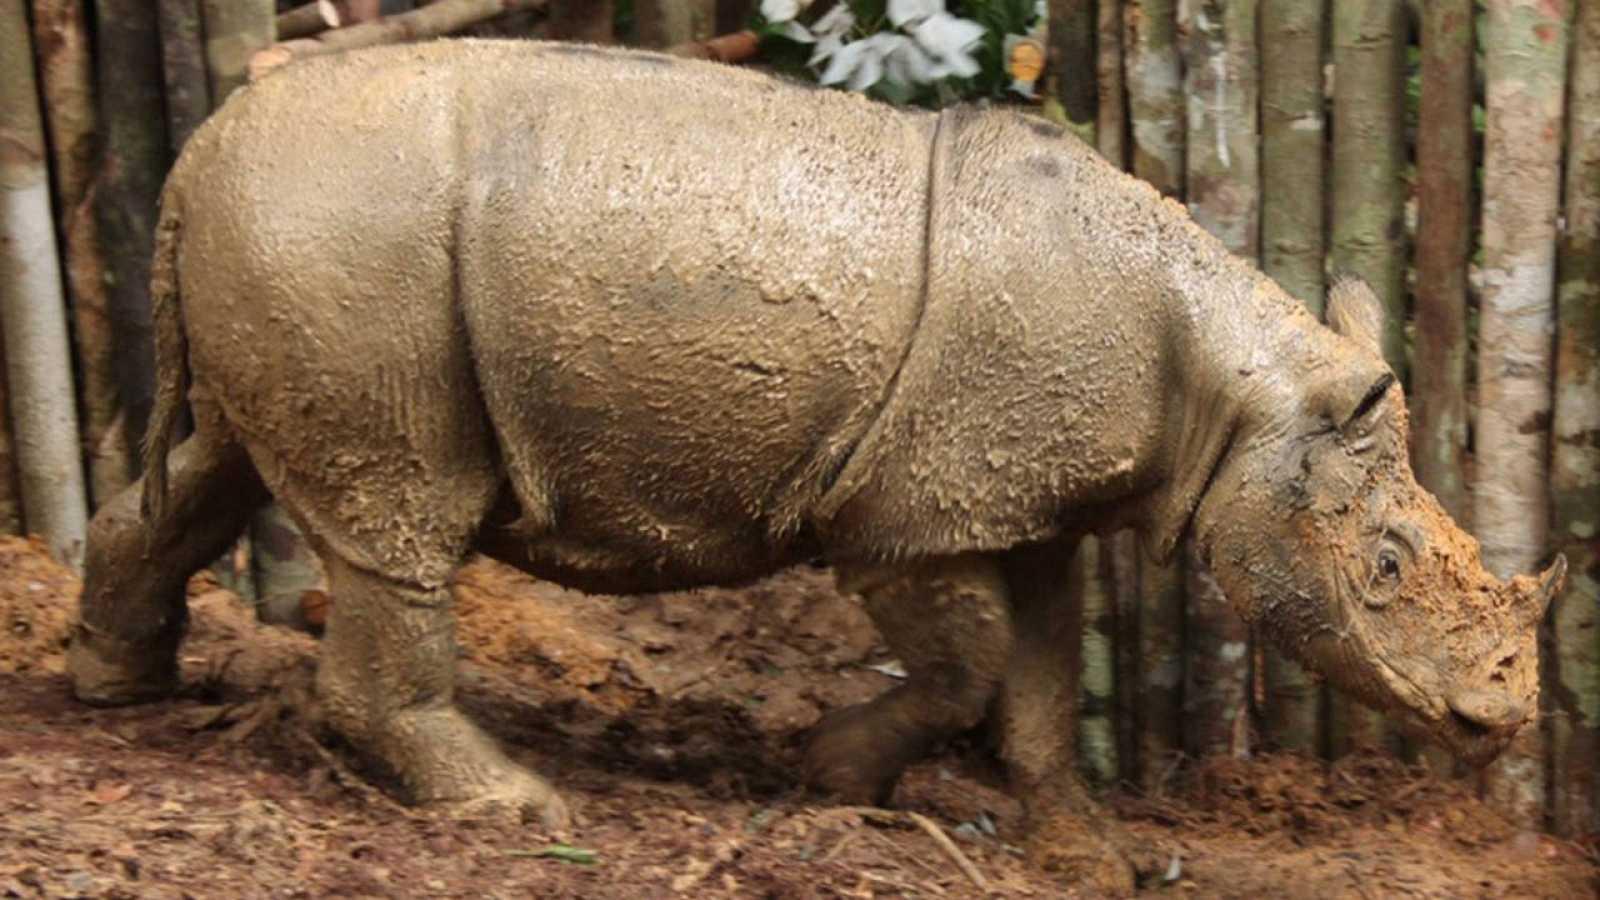 El ejemplar ha sido hallado en Kalimantan, en la parte indonesia de la isla de Borneo.